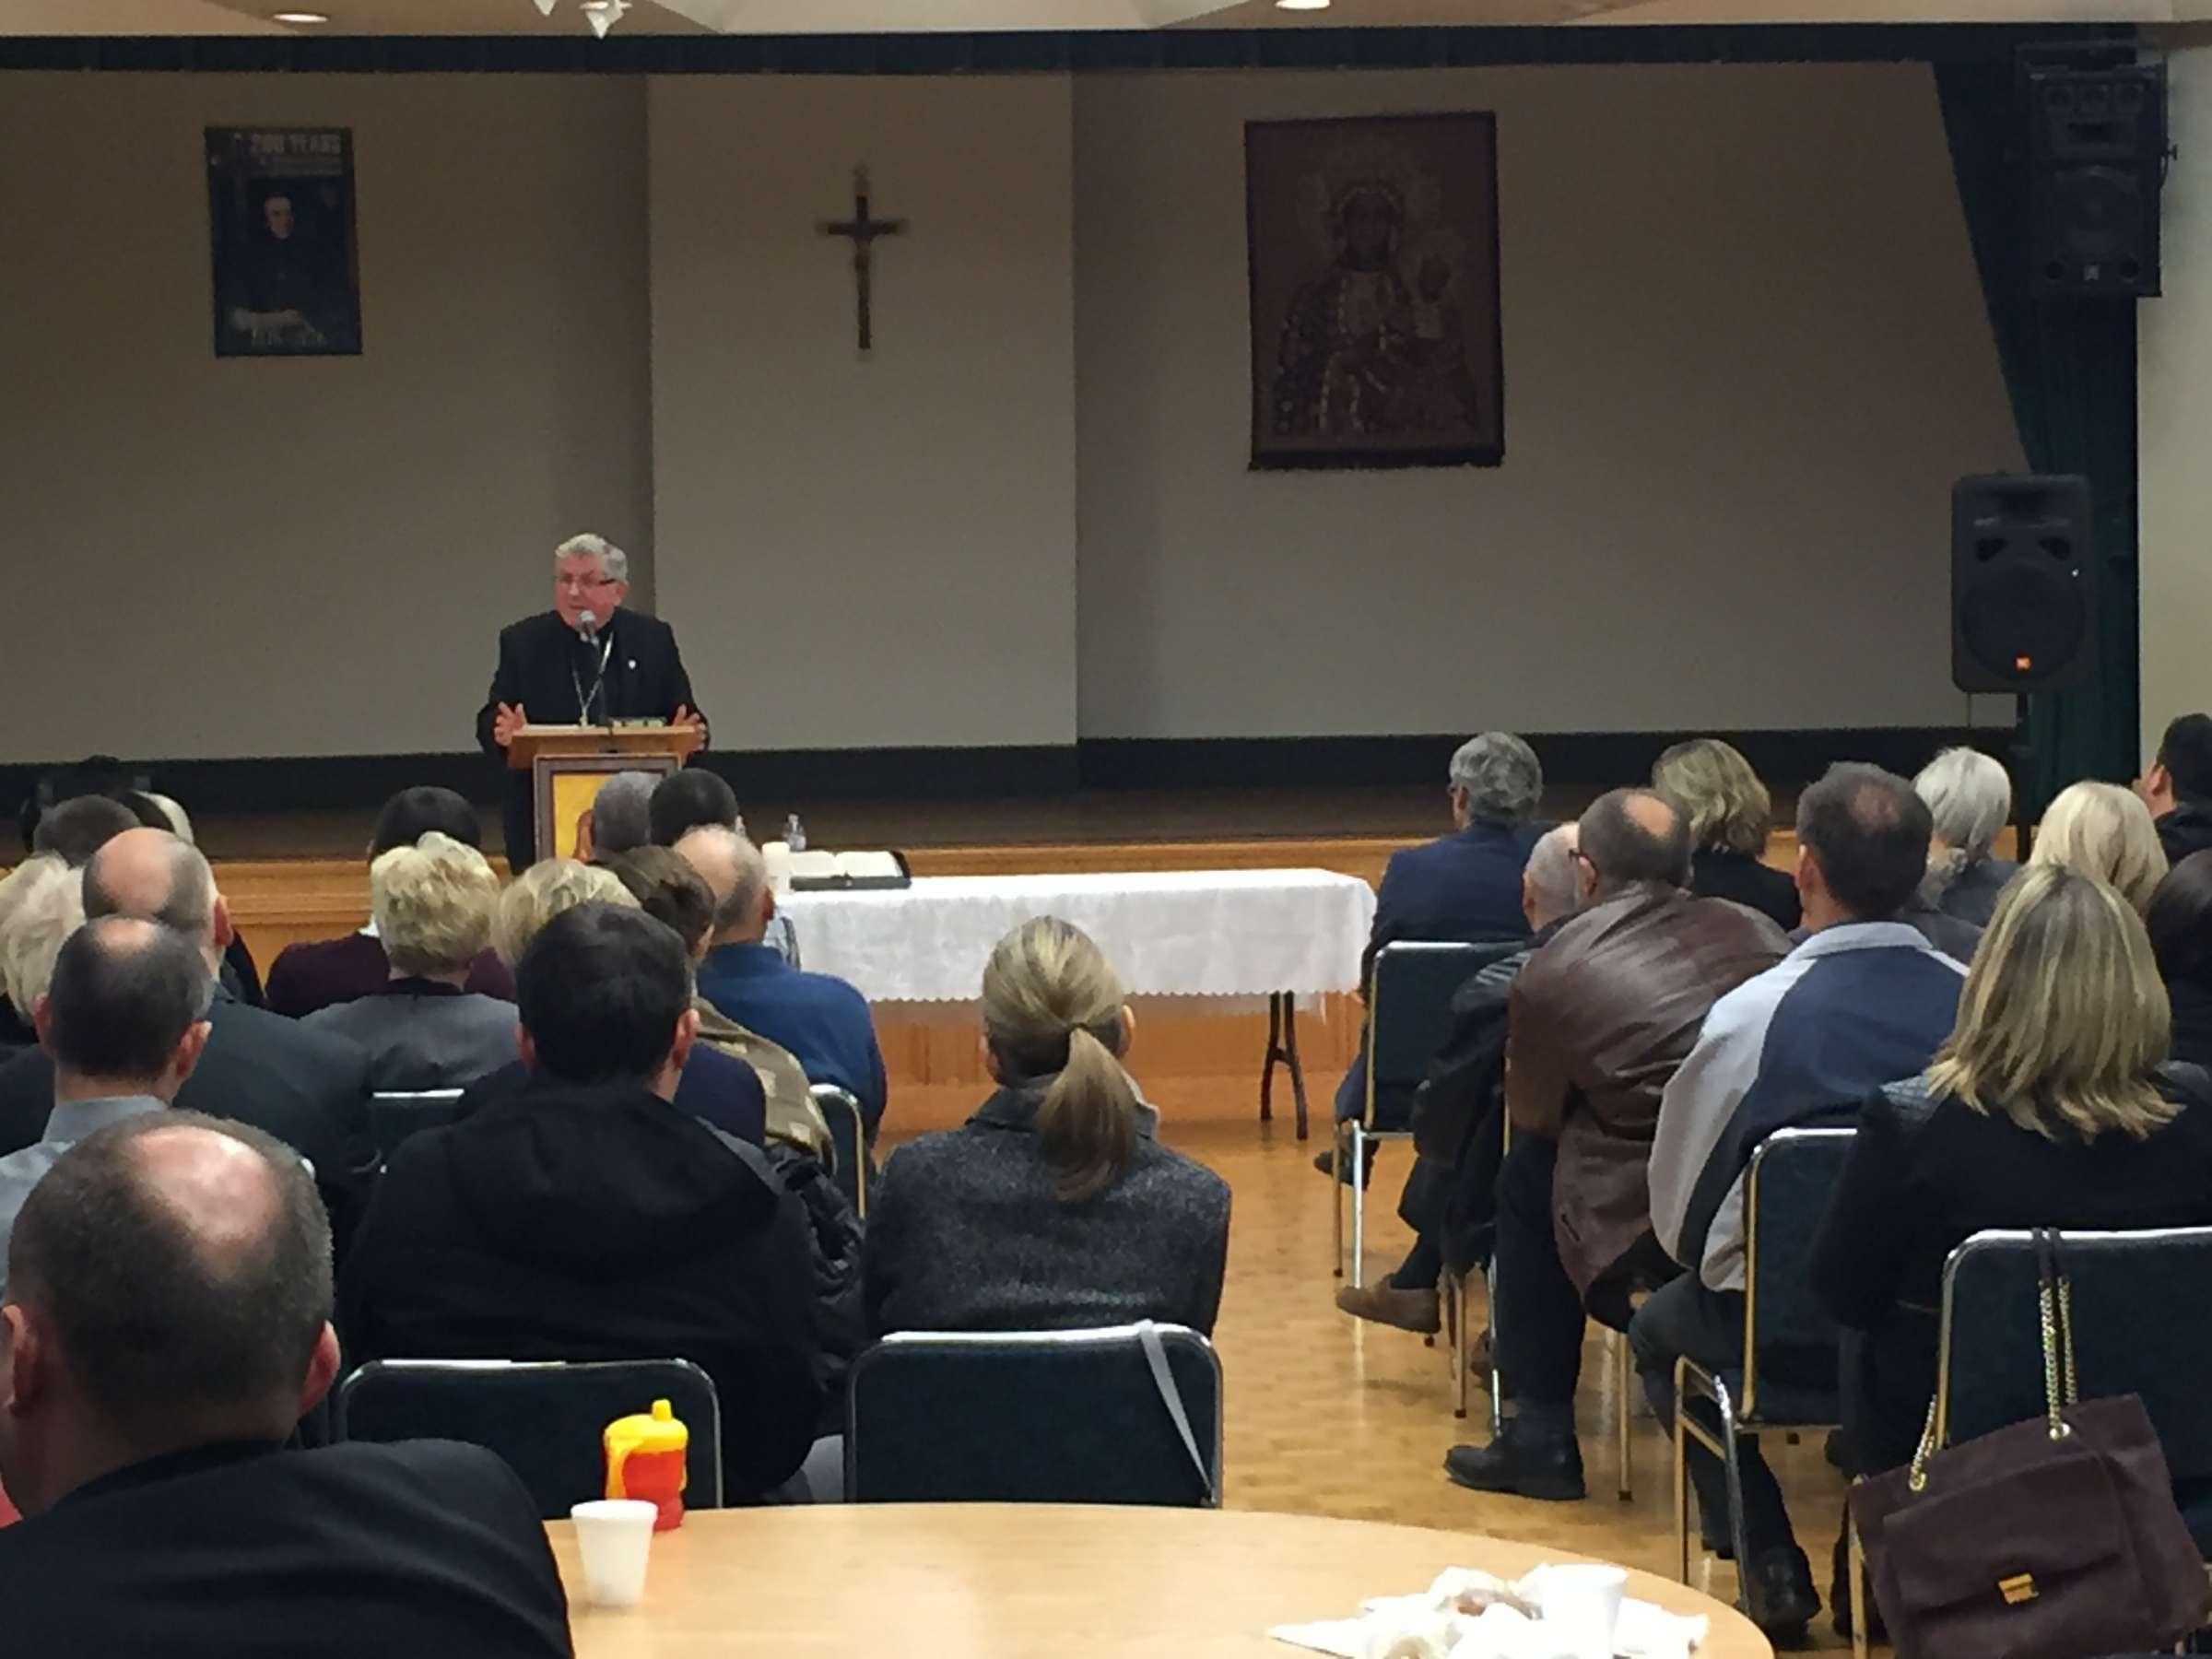 2016.11.27_05  -Spotkanie z Kardynalem Collinsem w Mississauga